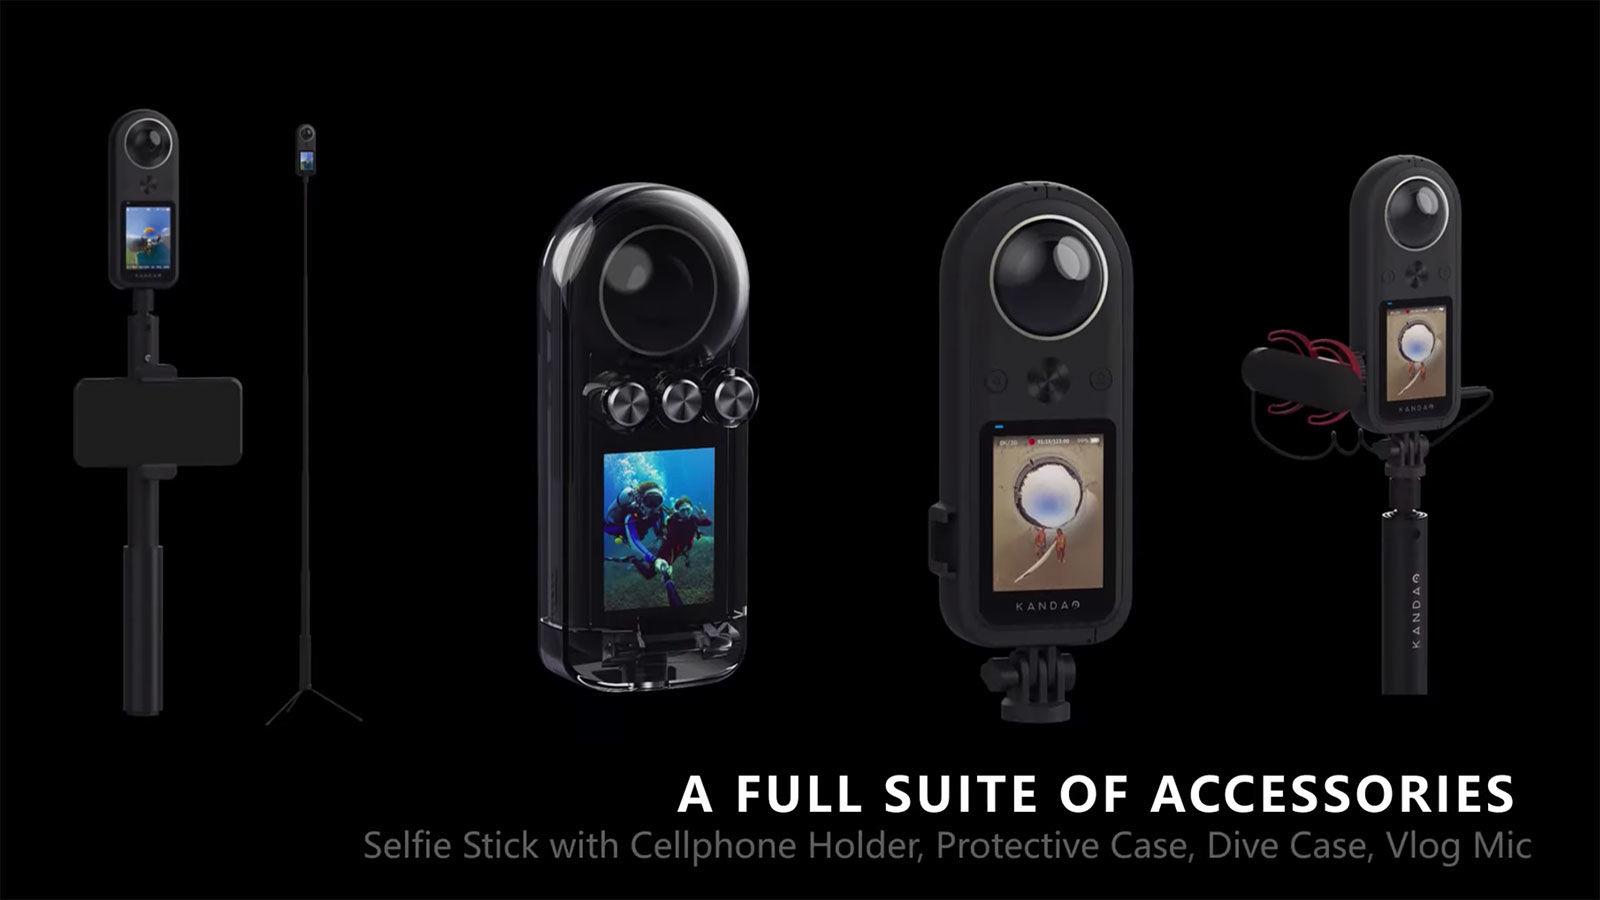 کوچکترین دوربین فیلمبرداری ۳۶۰ درجه با کیفیت 8K در جیب شما + تصویر